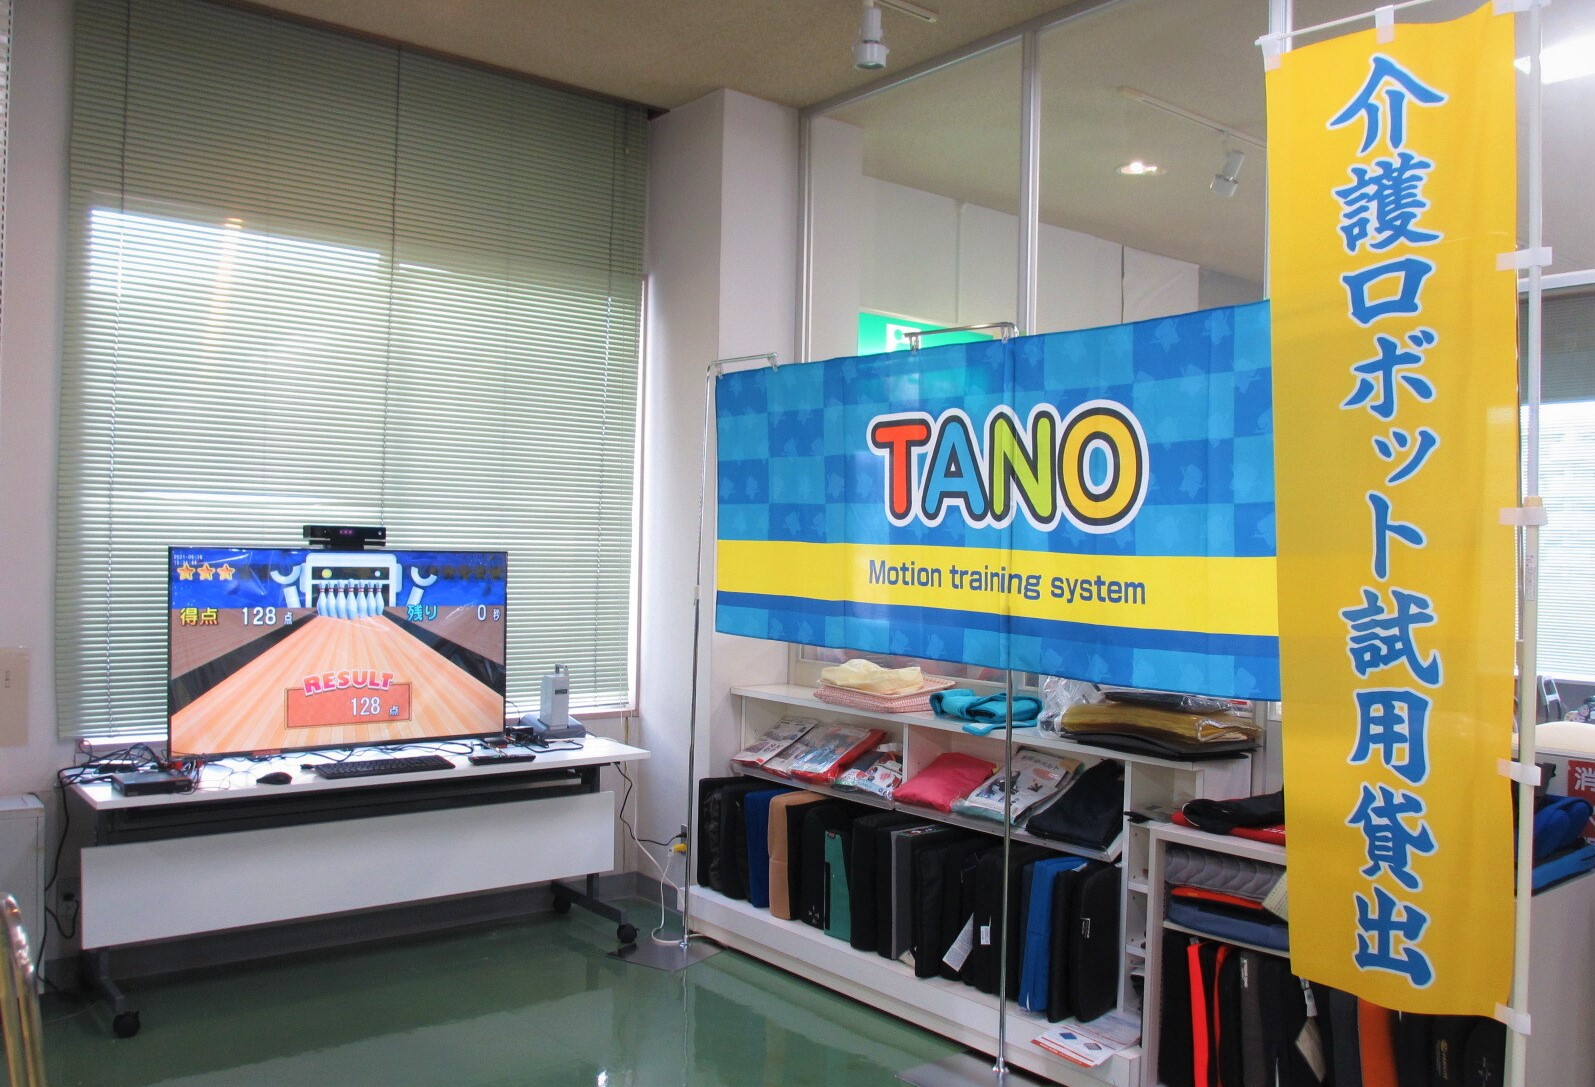 岩手県高齢者総合支援センターにてTANOが展示されます